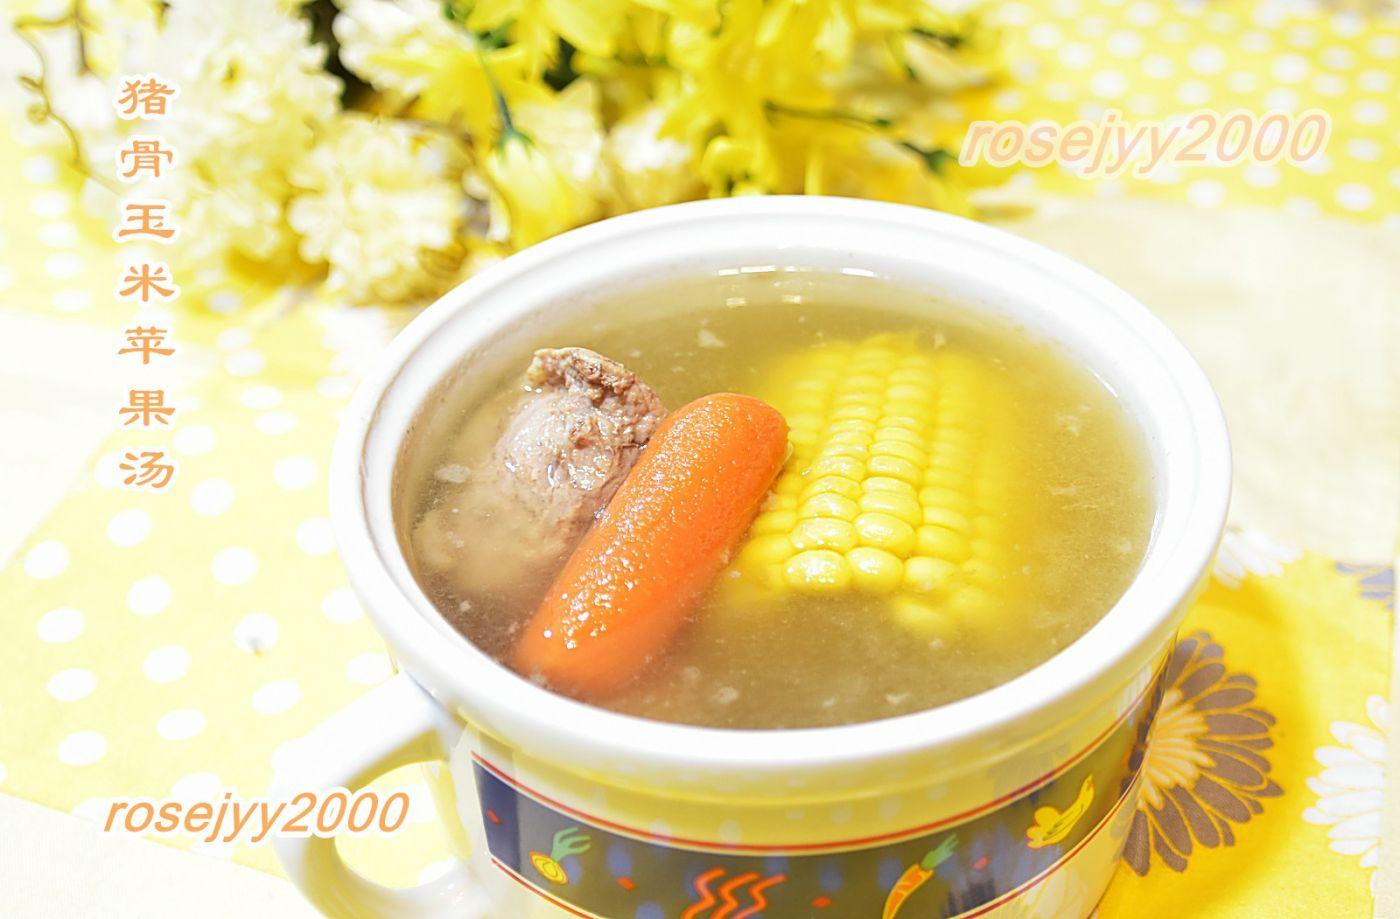 猪骨苹果玉米汤_图1-1